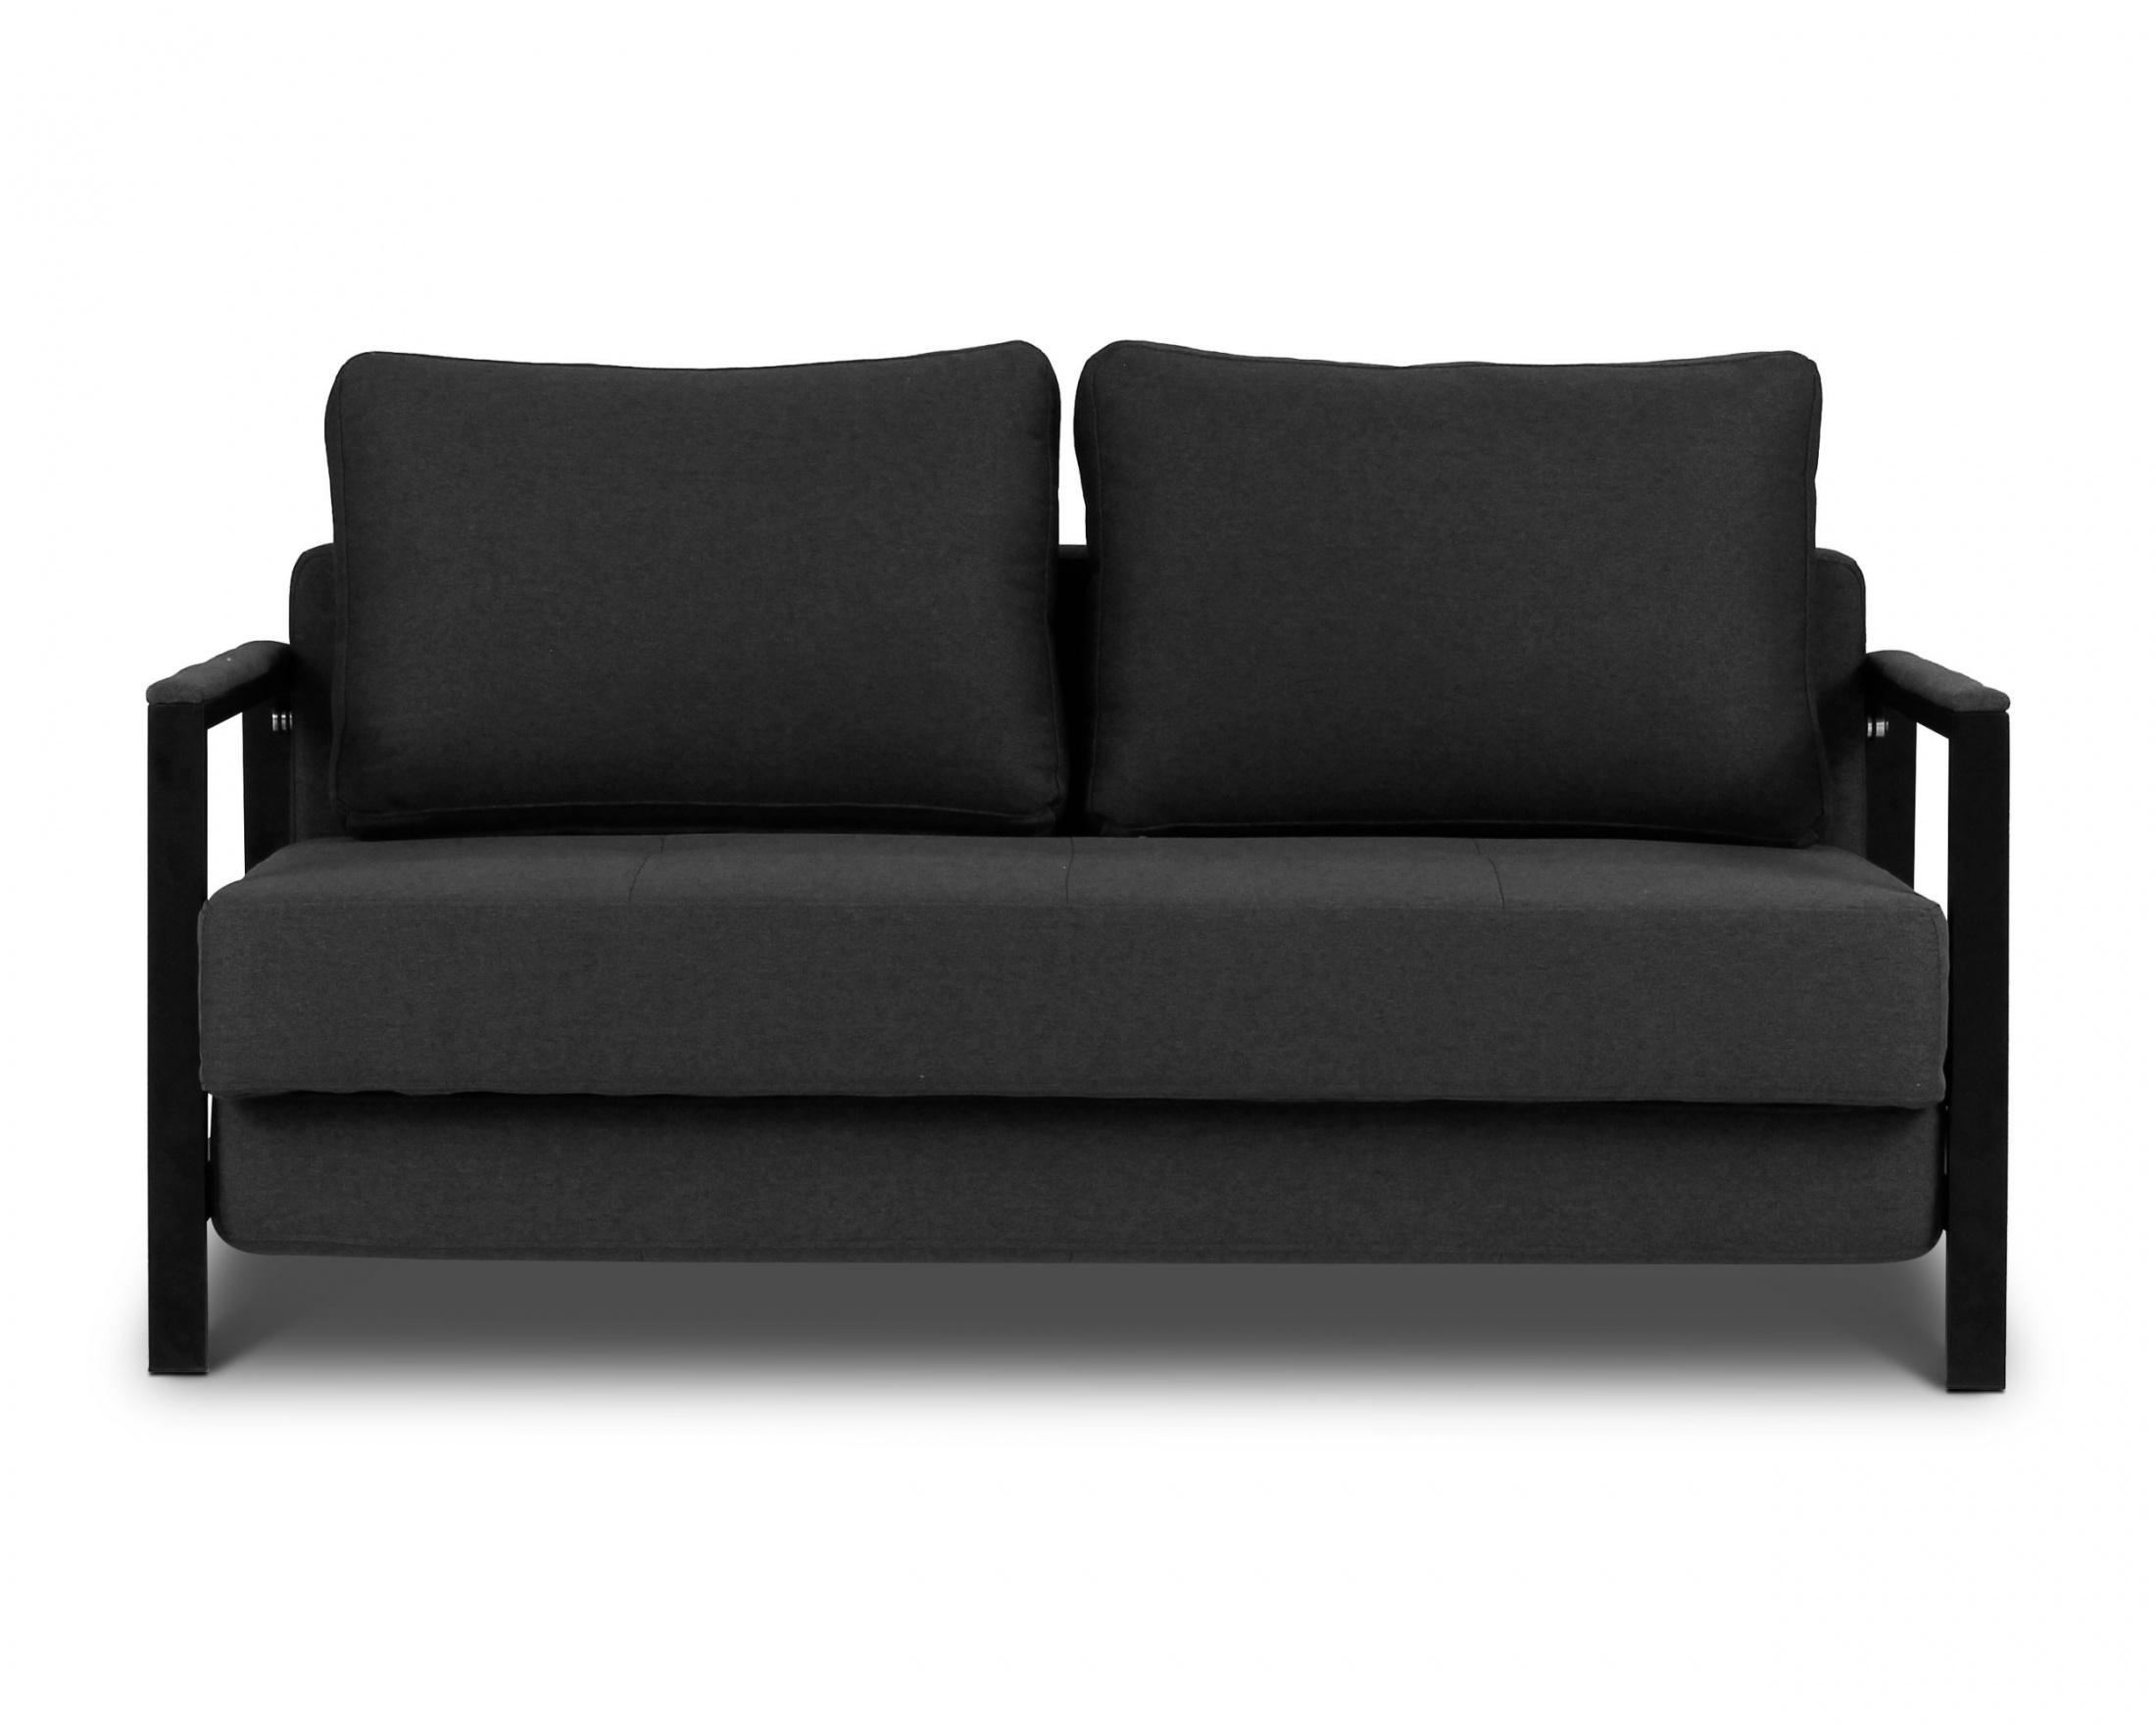 Kobe - 2 Seat Sofa Bed   Loungelovers regarding Black 2 Seater Sofas